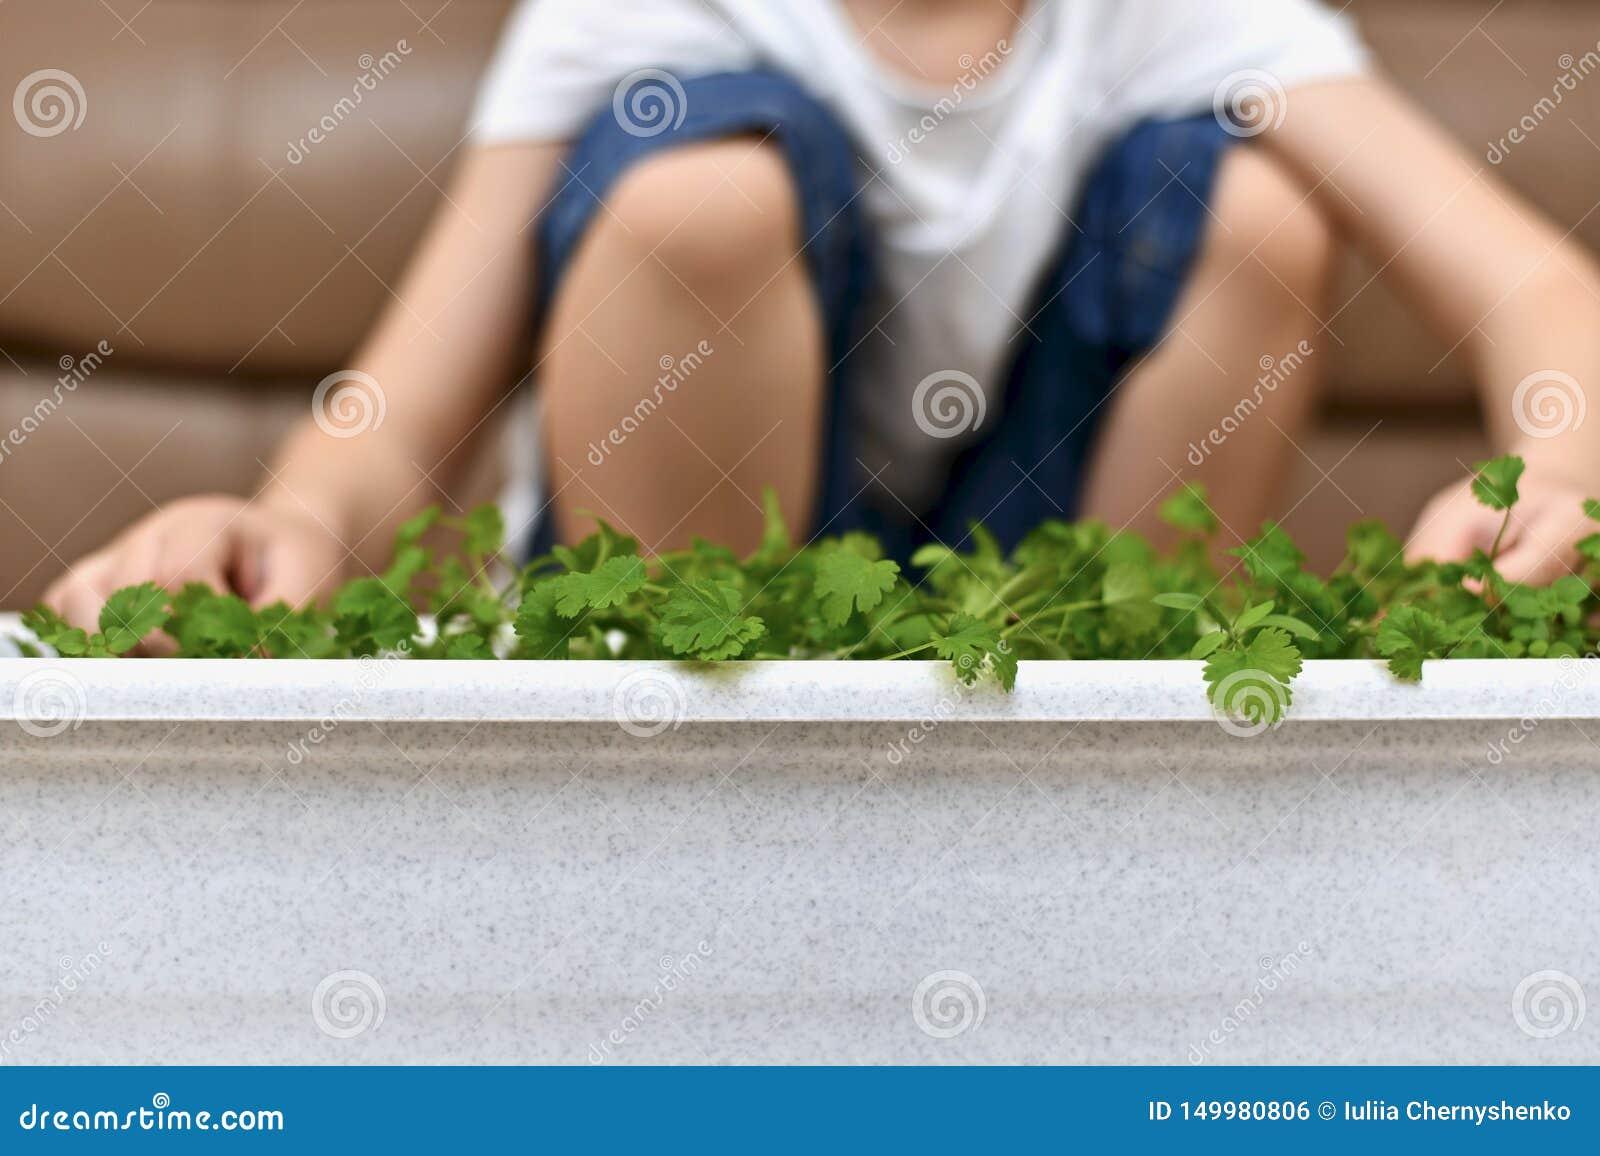 El niño se está sentando cerca de la cosecha crecida